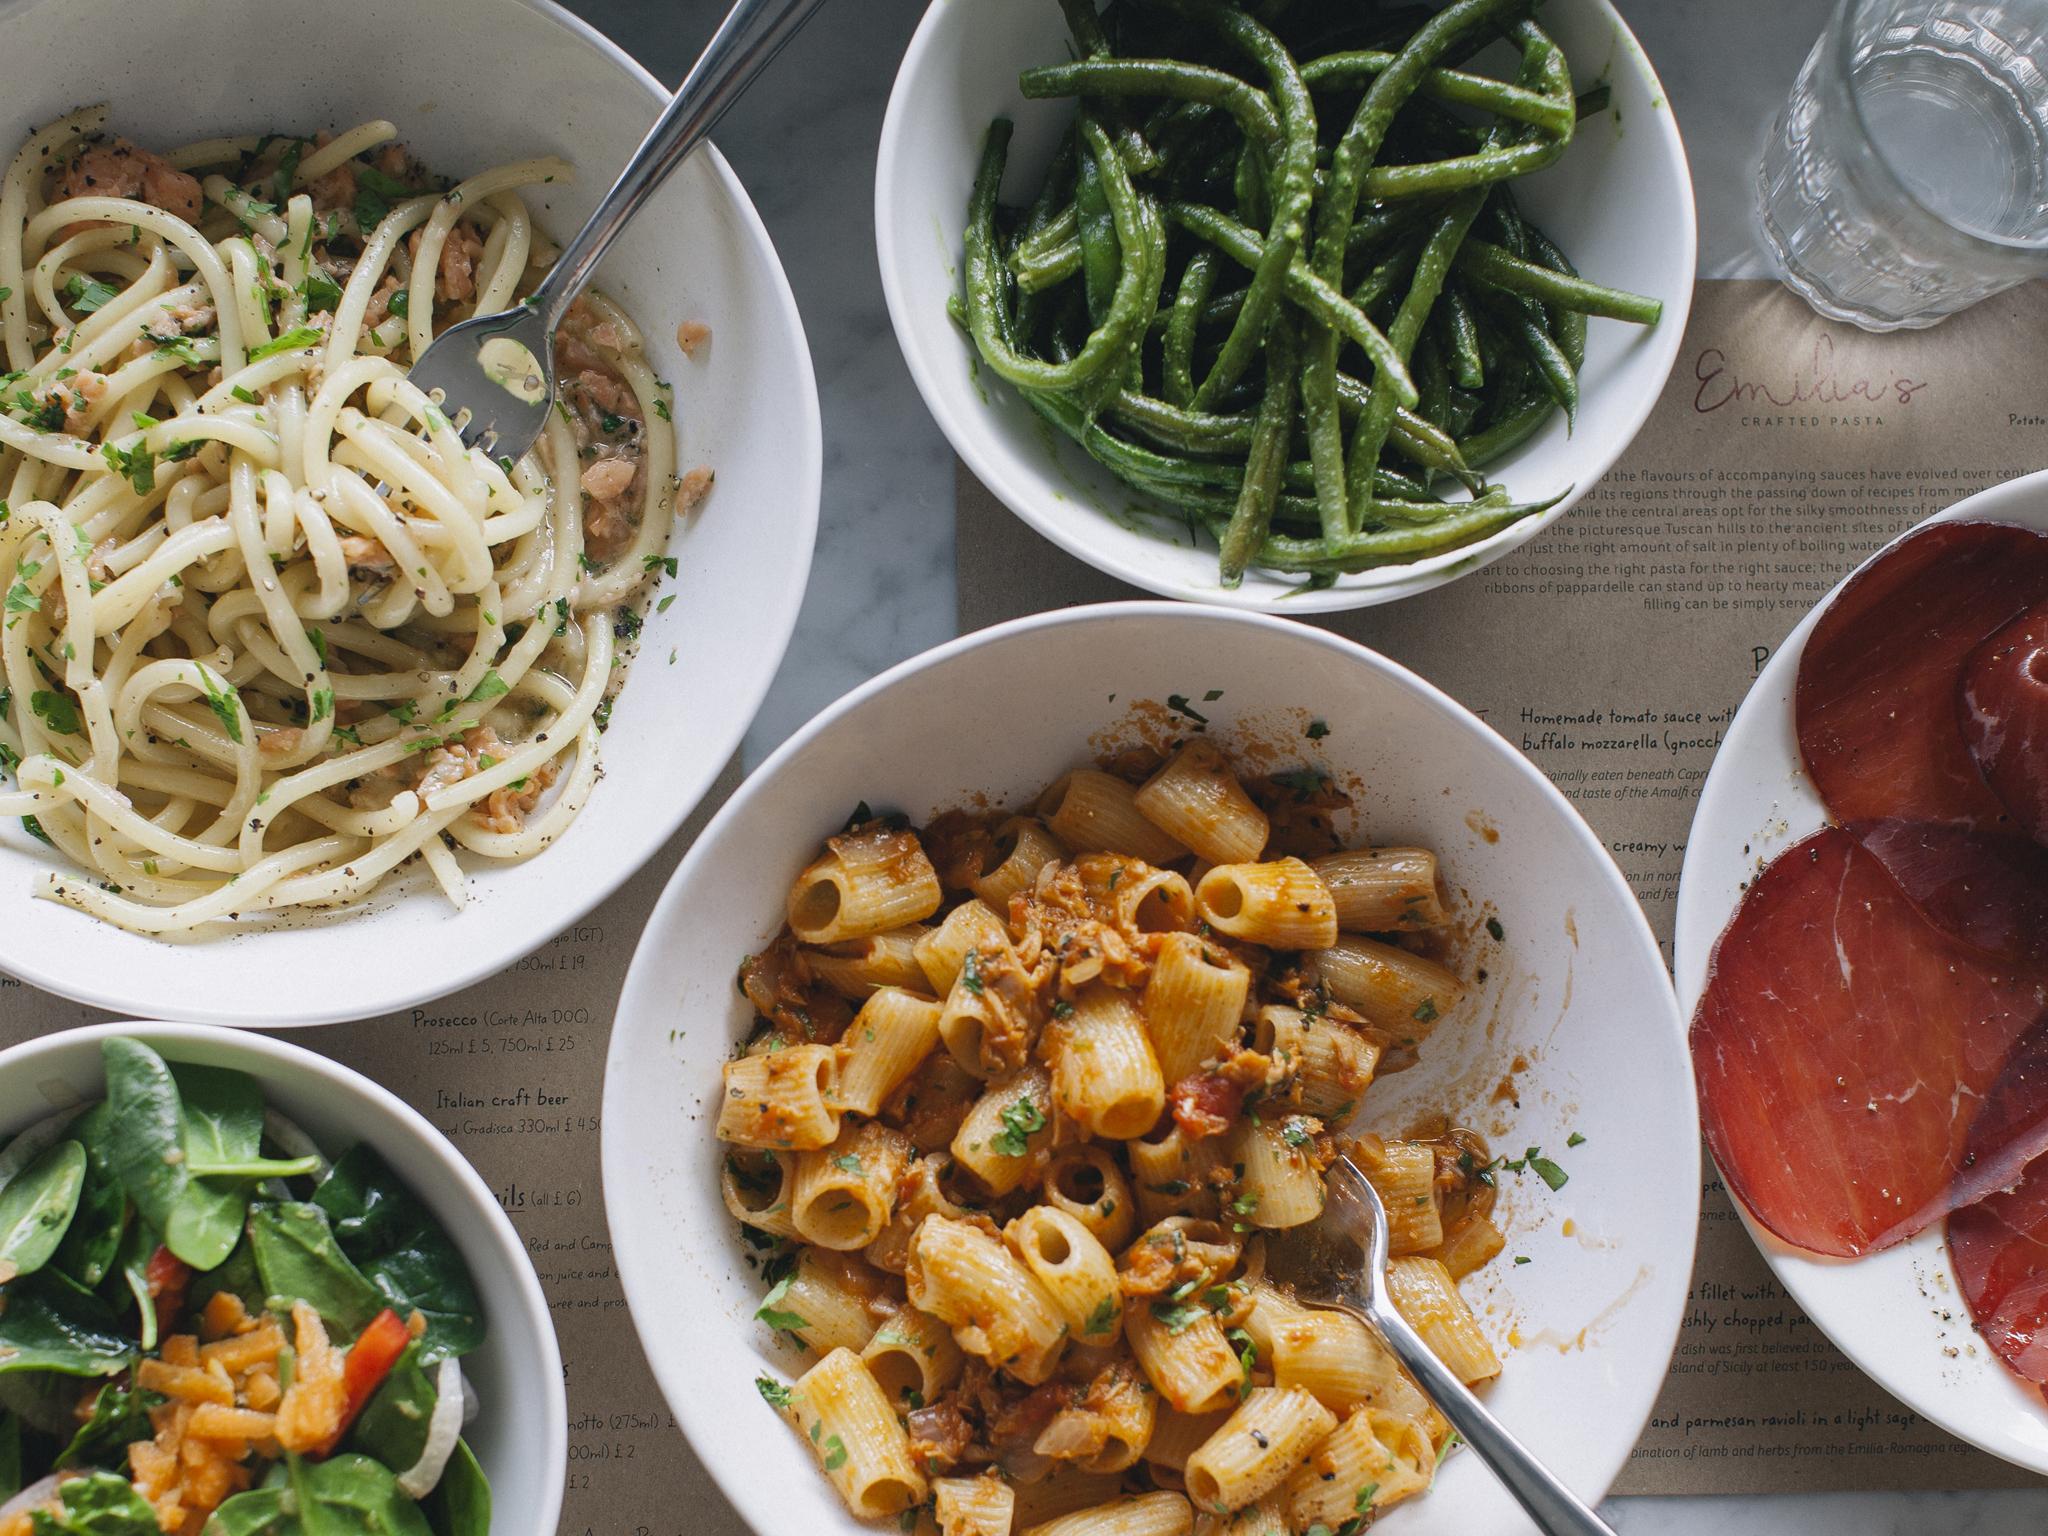 emilia's crafted pasta